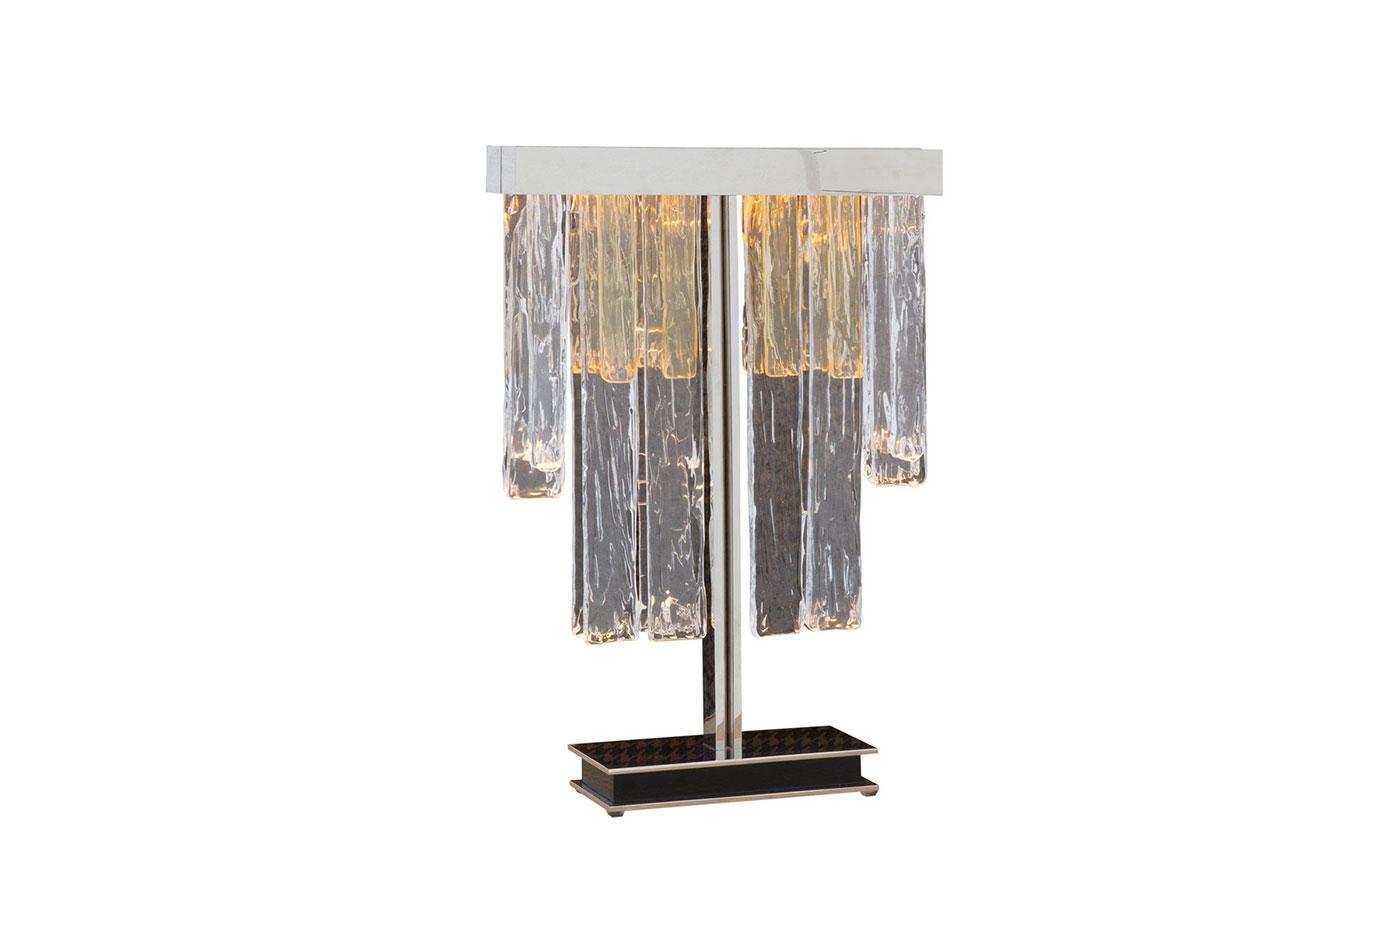 Obegi Home Lighting JNL Table Lamp